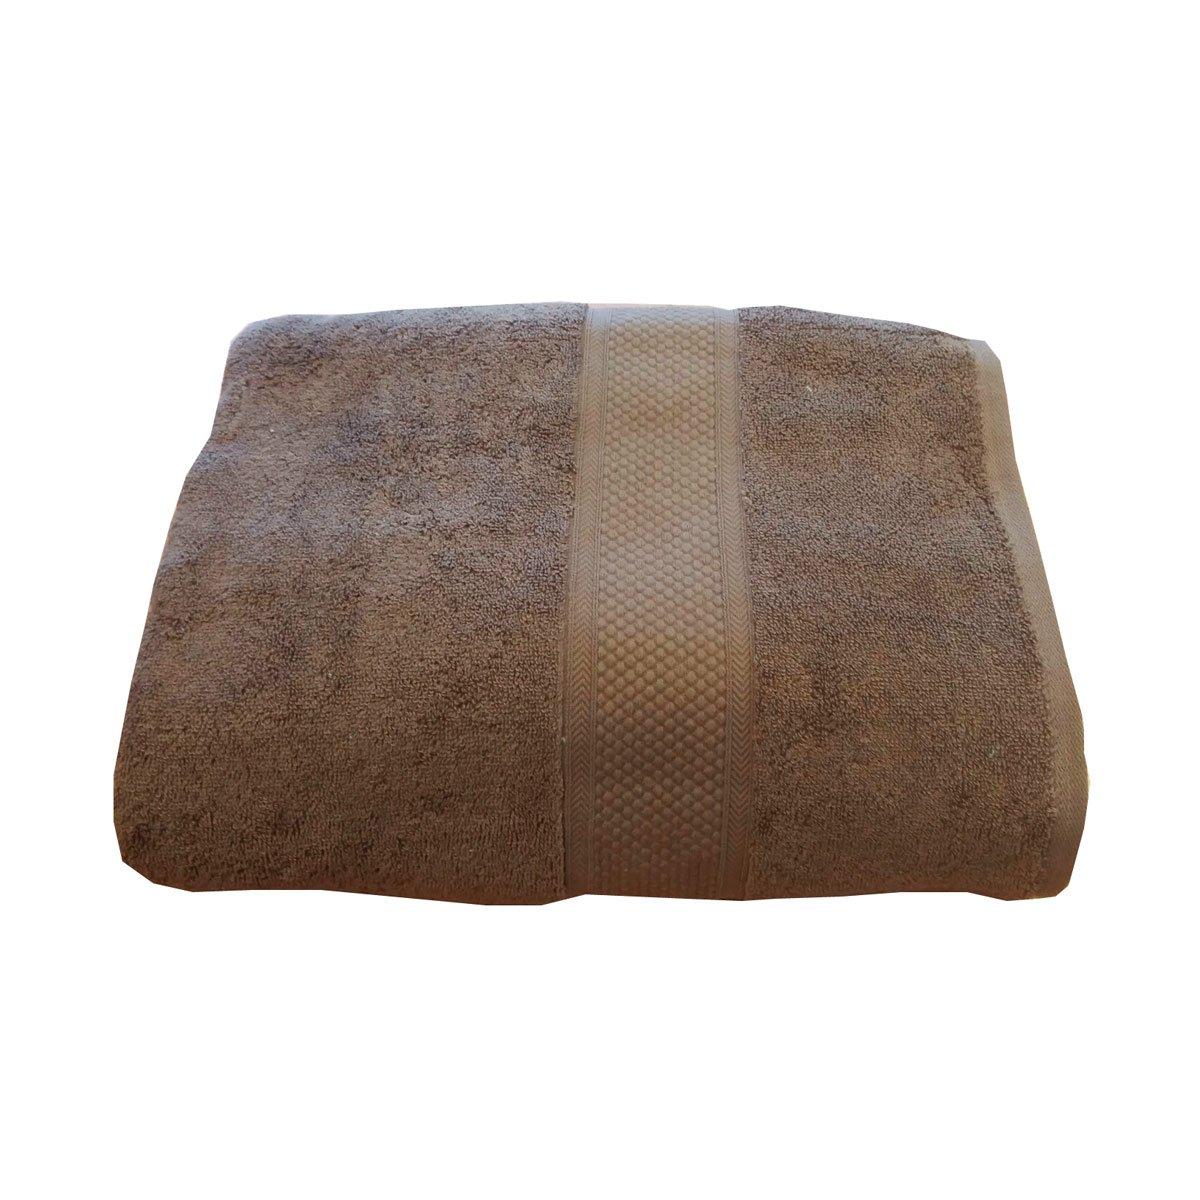 Juegos De Baño Sears: toallas toalla de baño kakhi 90×160 toalla de baño kakhi 90×160